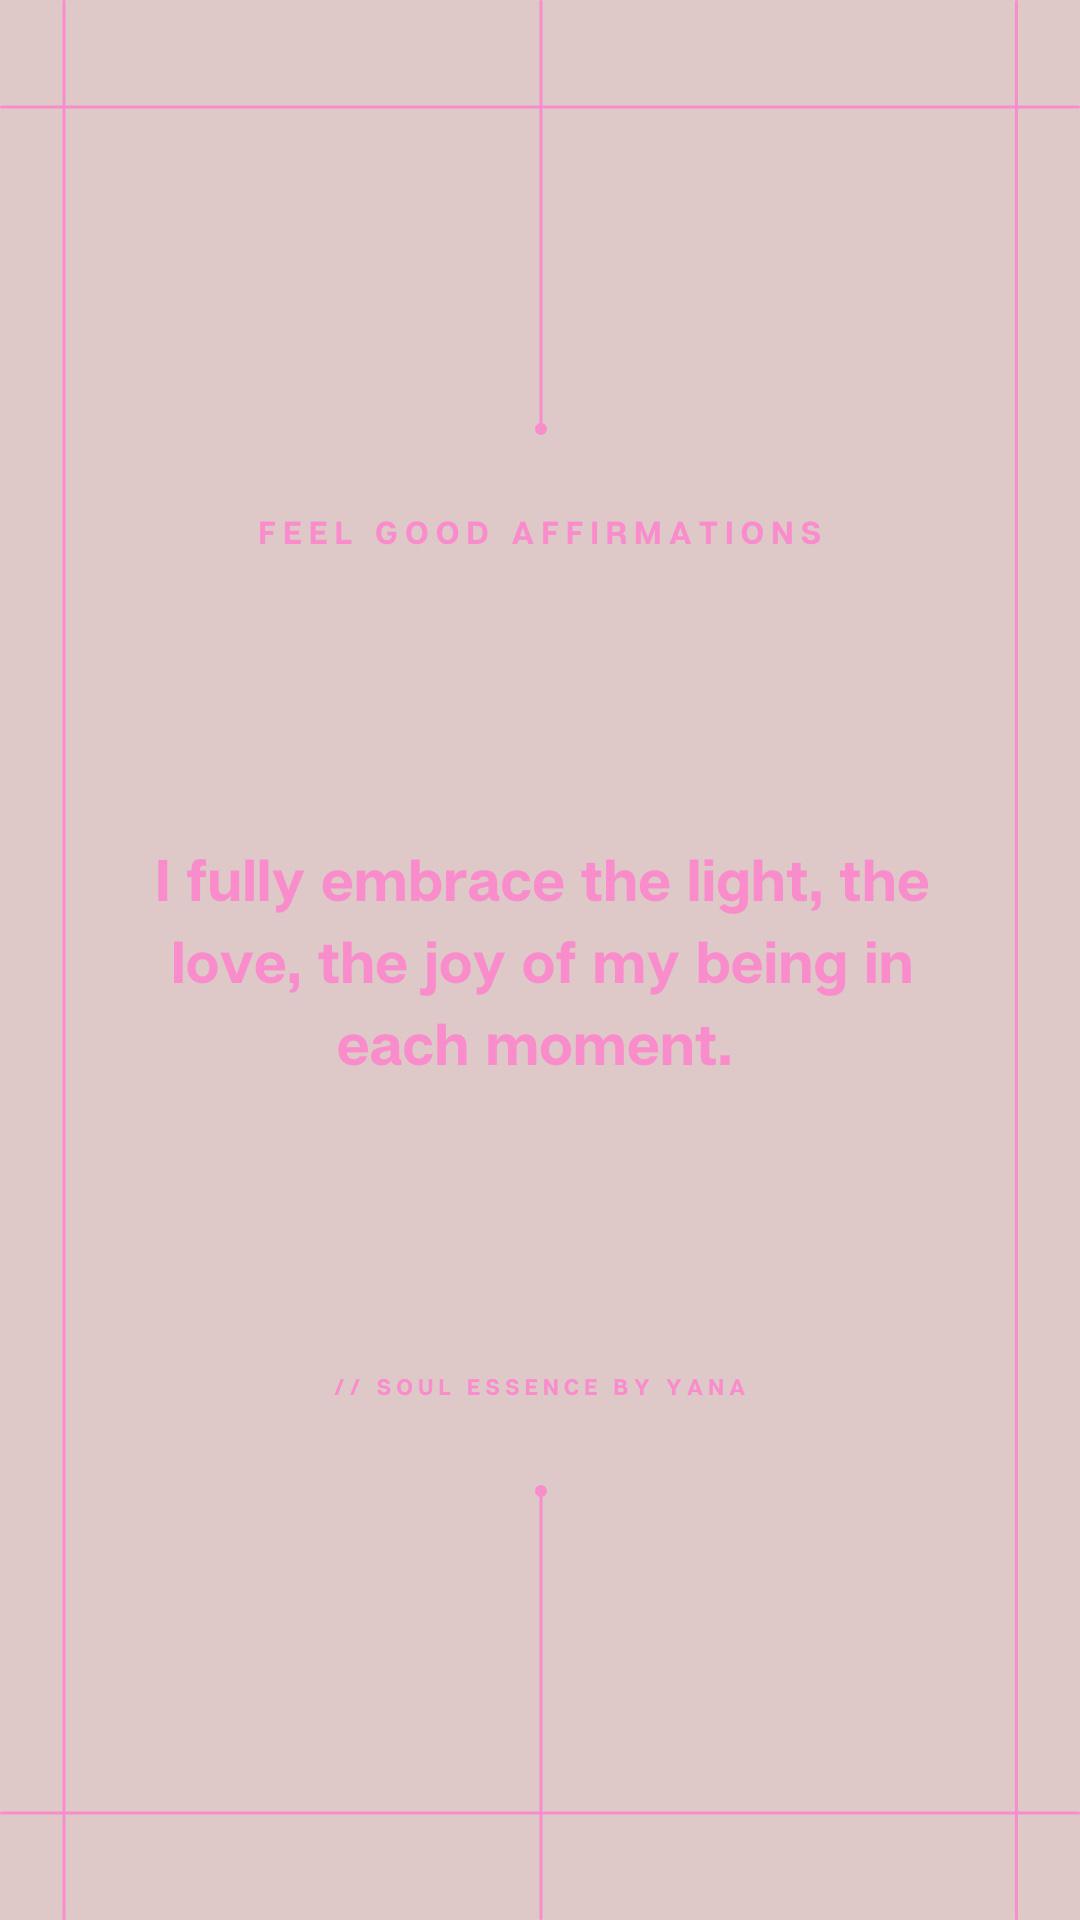 feel good affirmations